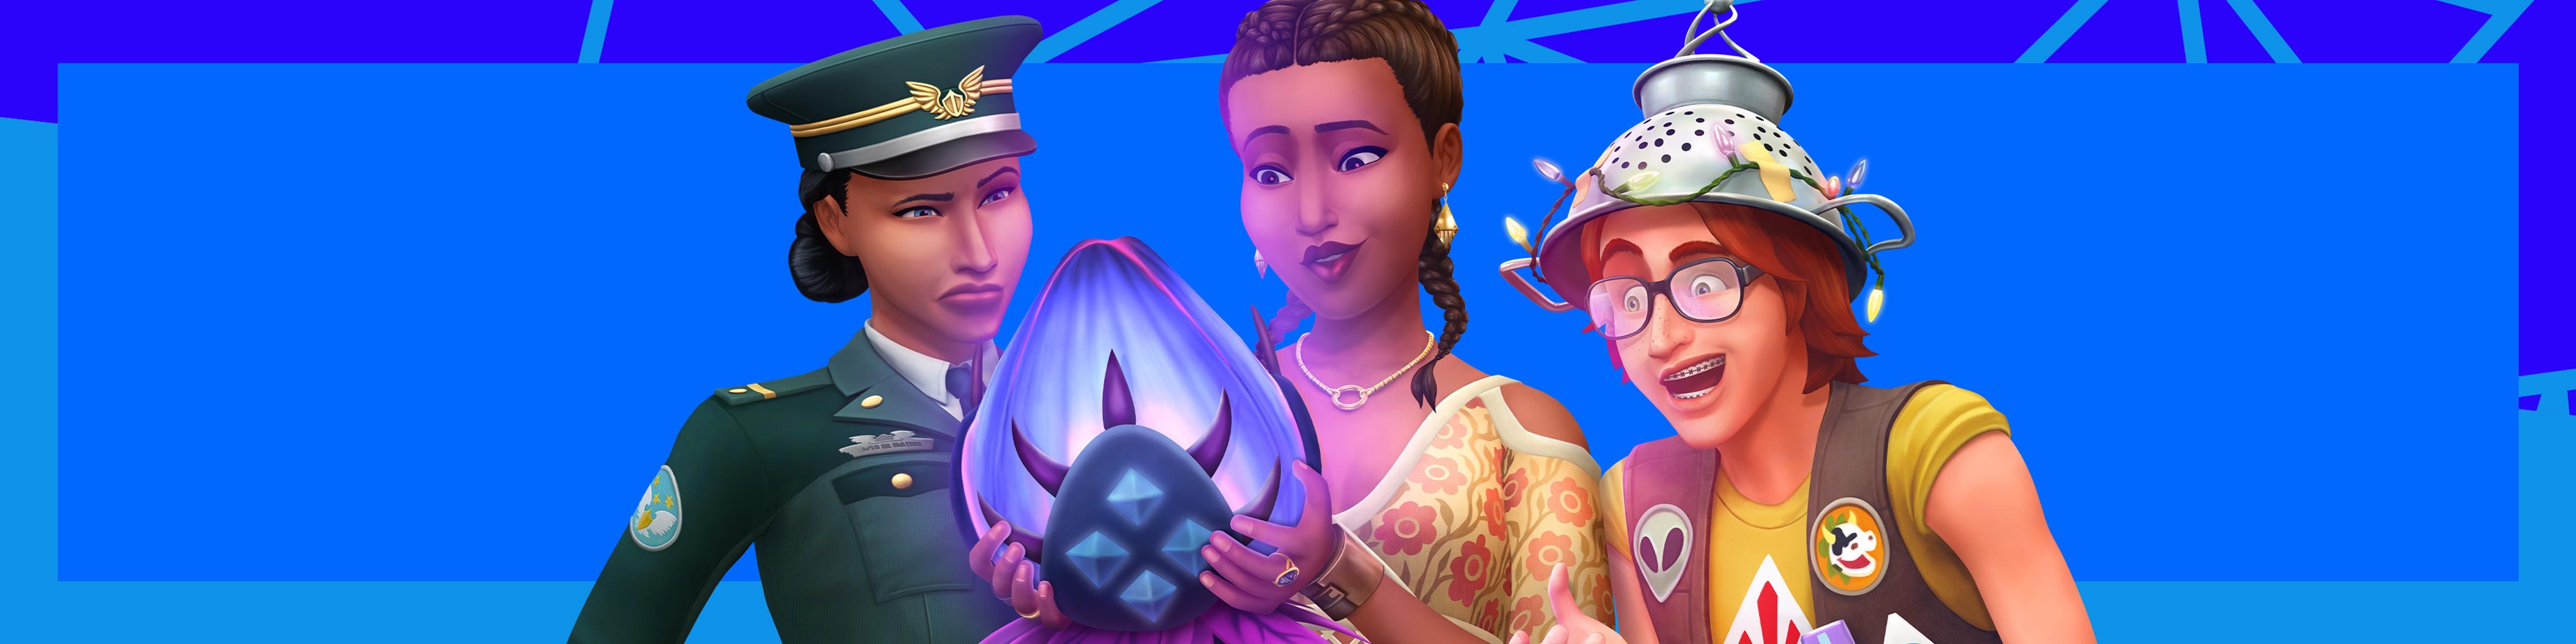 Zelda och länk hookup